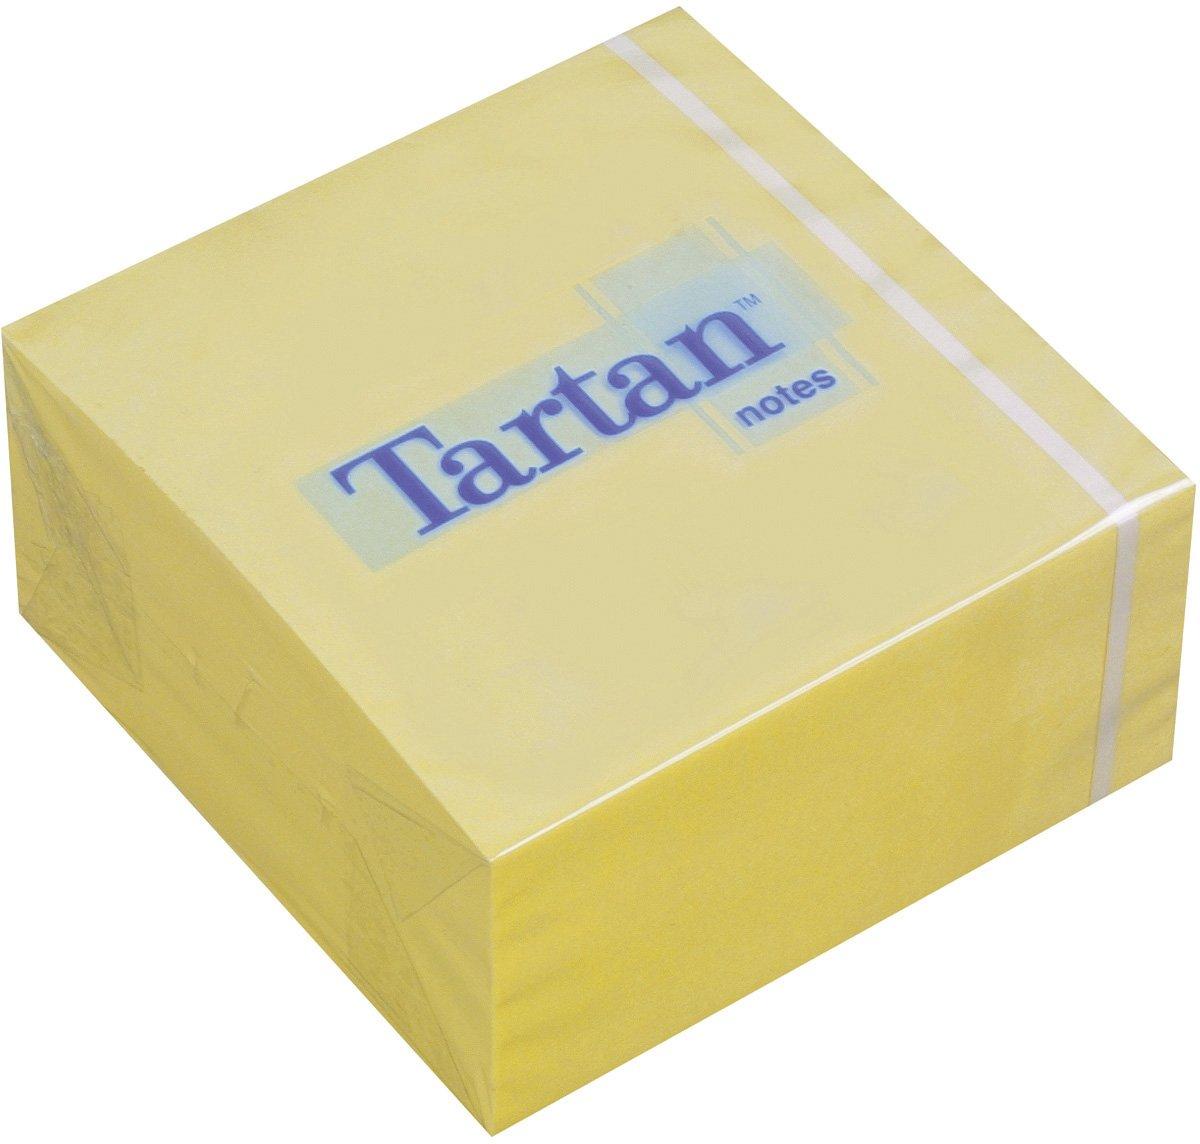 Tartan 7676C-Y - Blocchetto di foglietti adesivi tipo Post-It, 76 x 37 x 76 mm, 63 g/mq, 400 fogli x 1 blocchetto, giallo 3M Deutschland GmbH